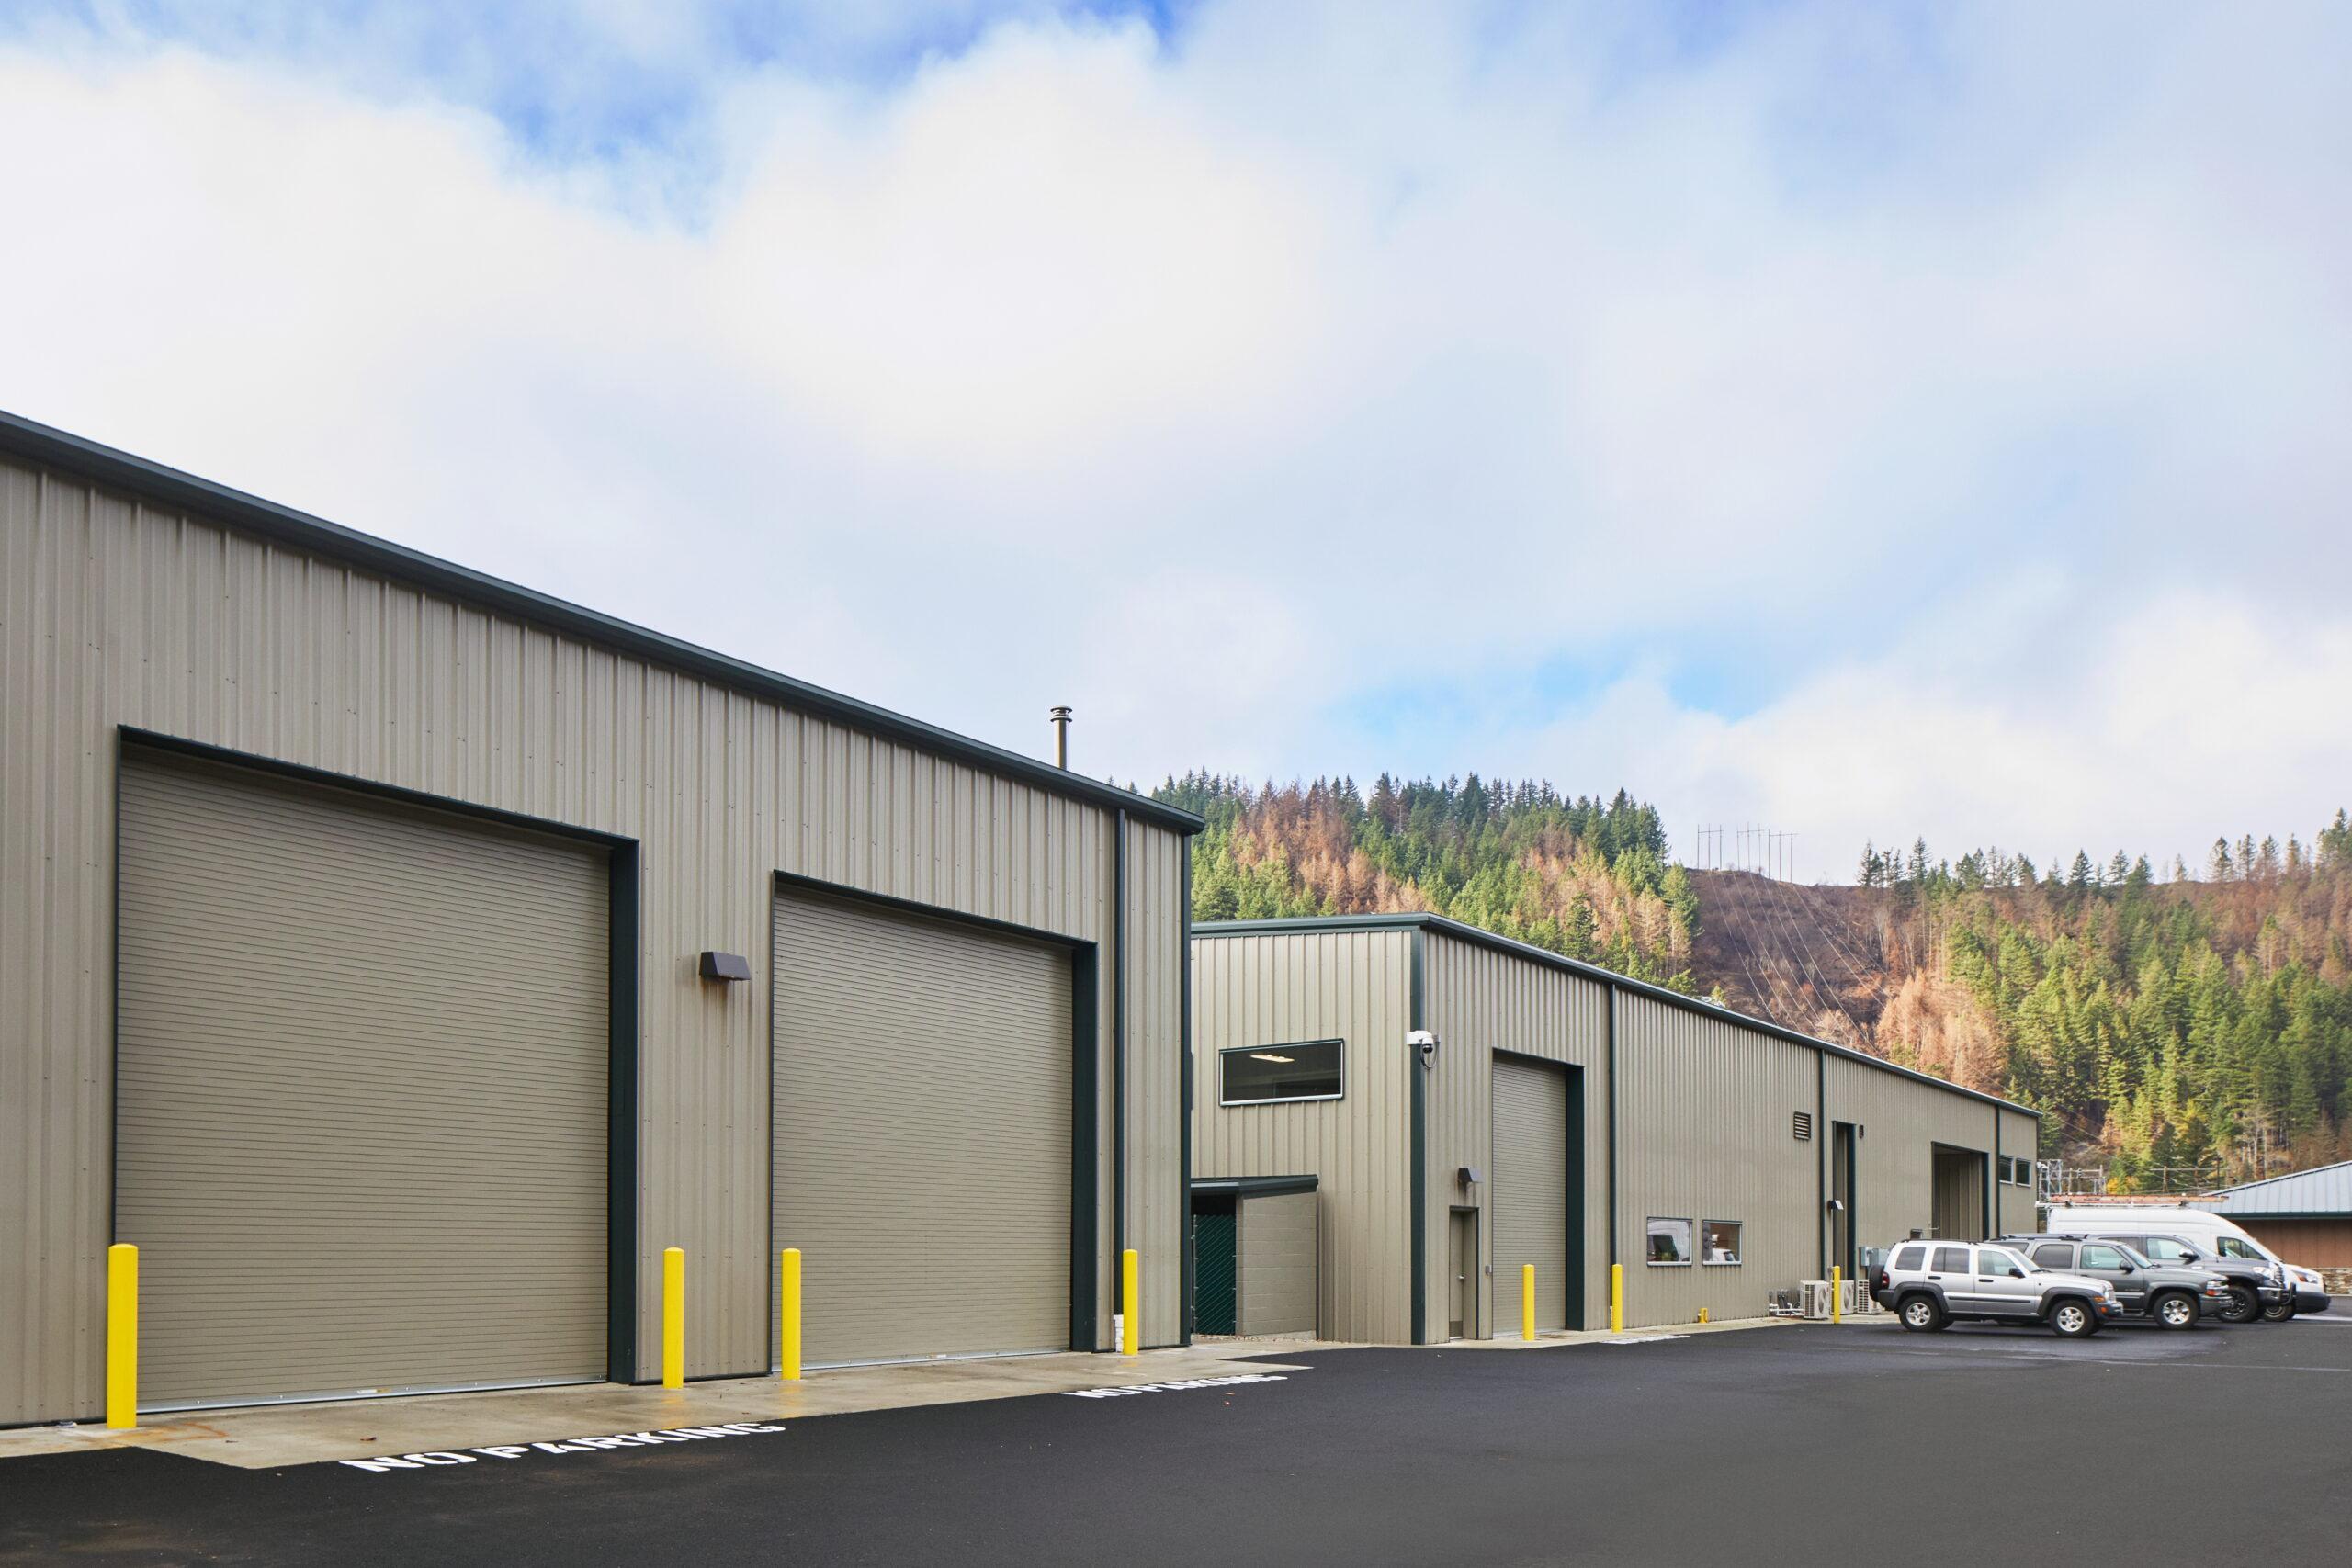 PGE Fabrication Shop in Estacada, Oregon